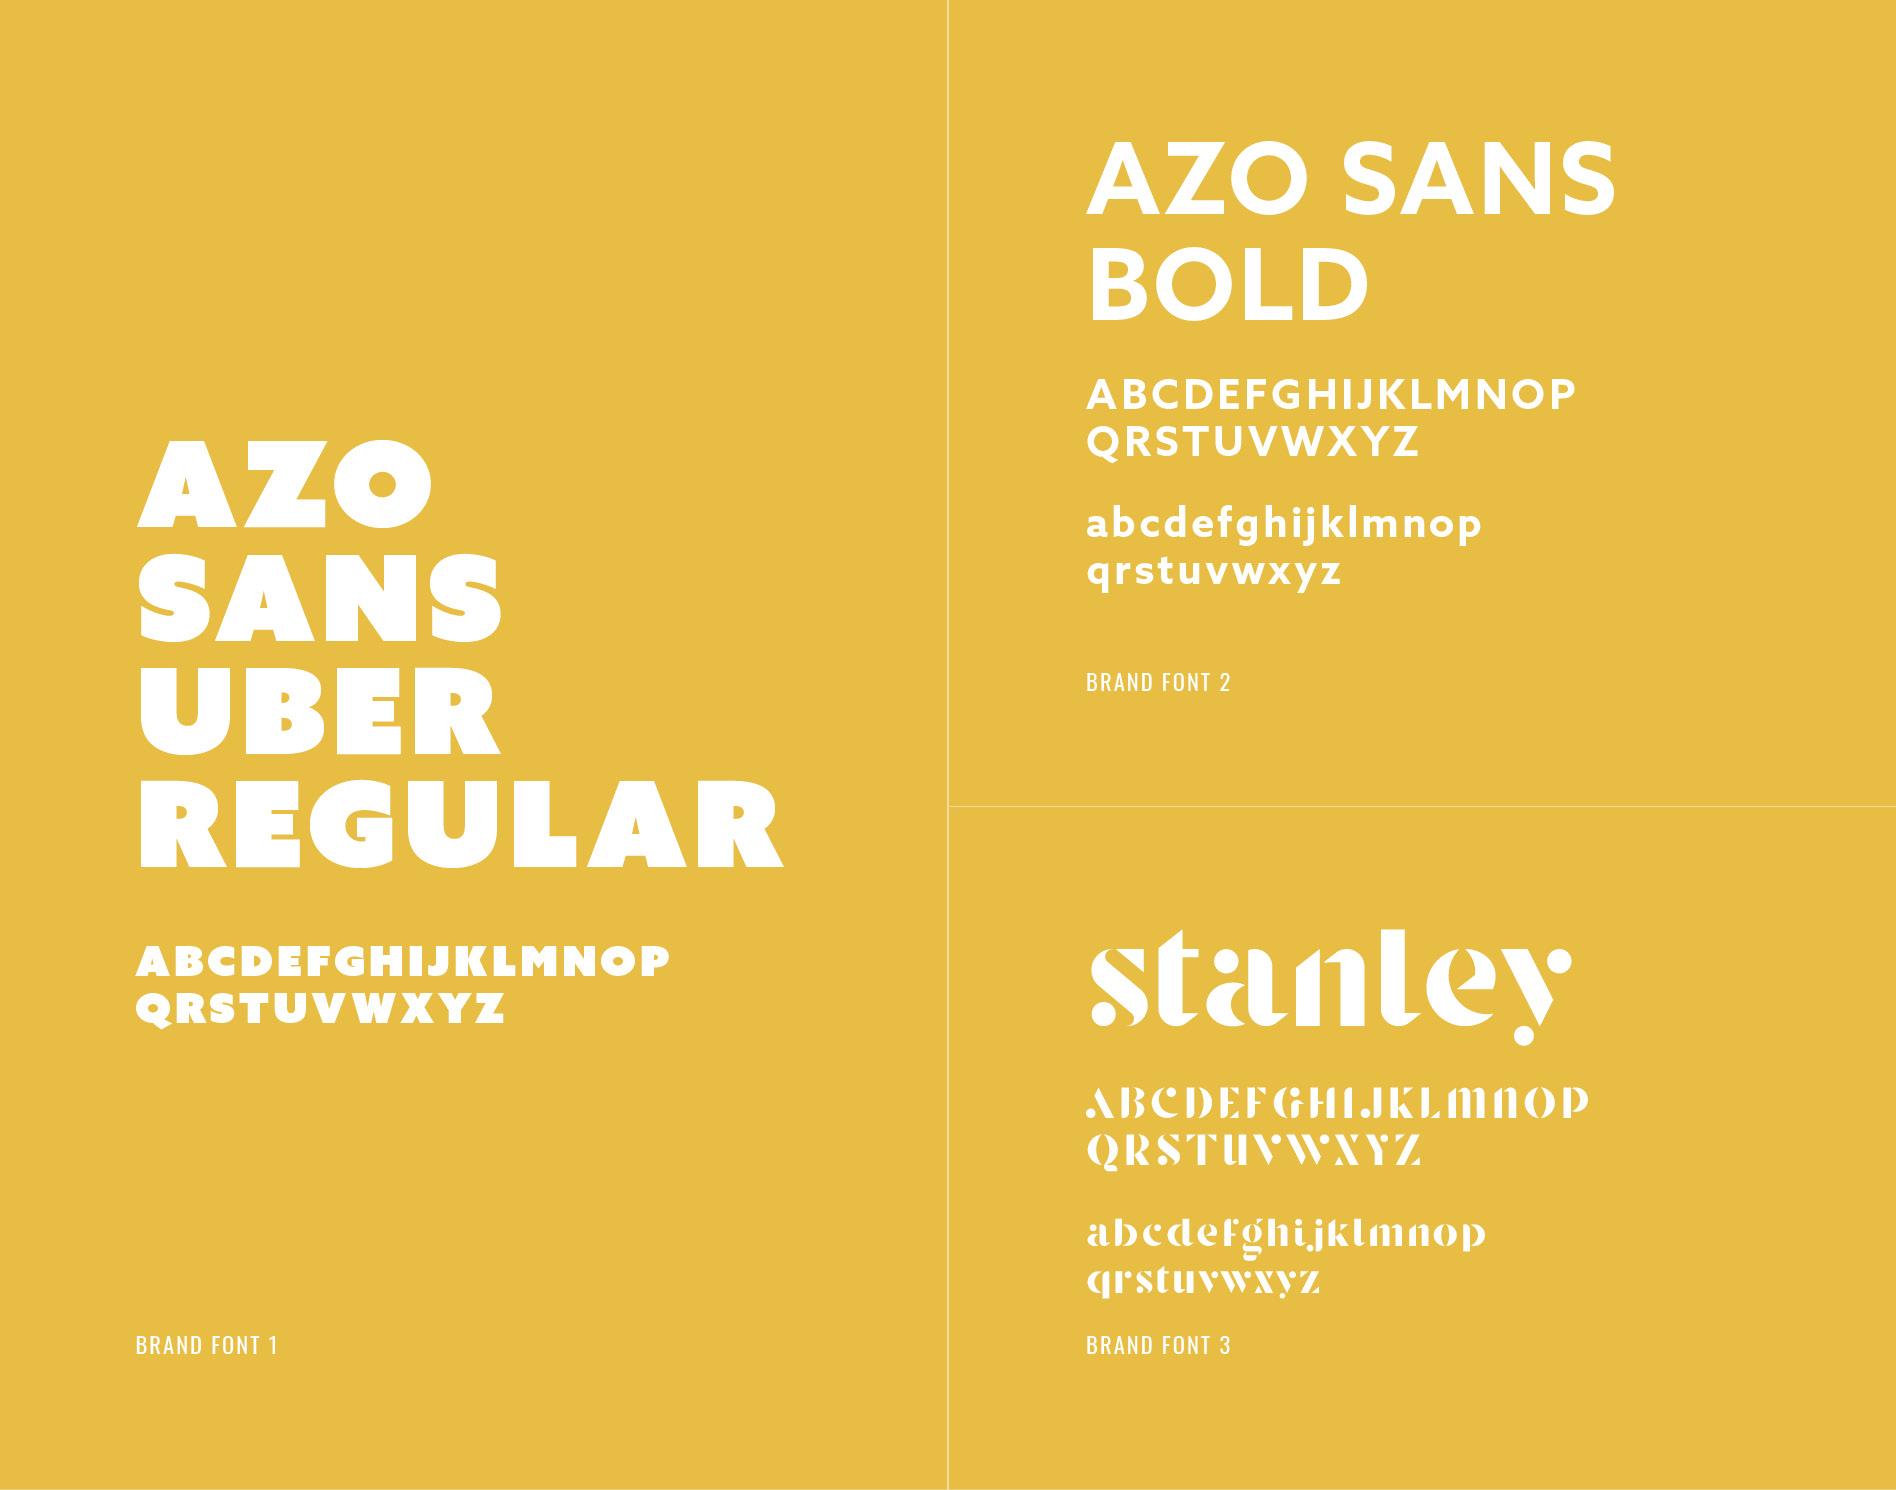 restaurant brand identity fonts